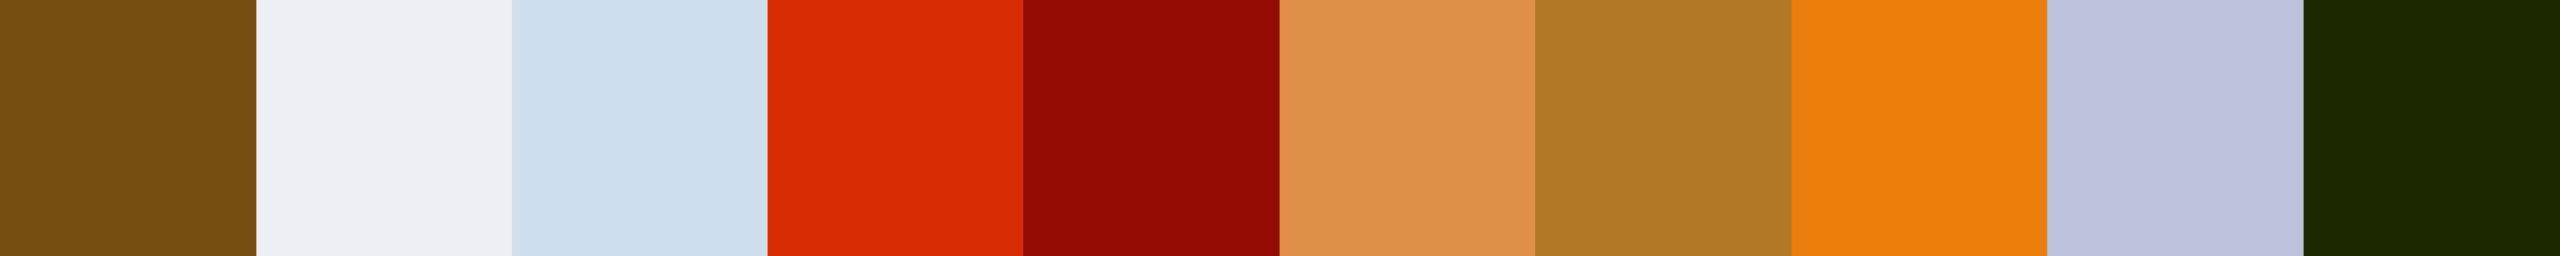 113 Rimera Color Palette